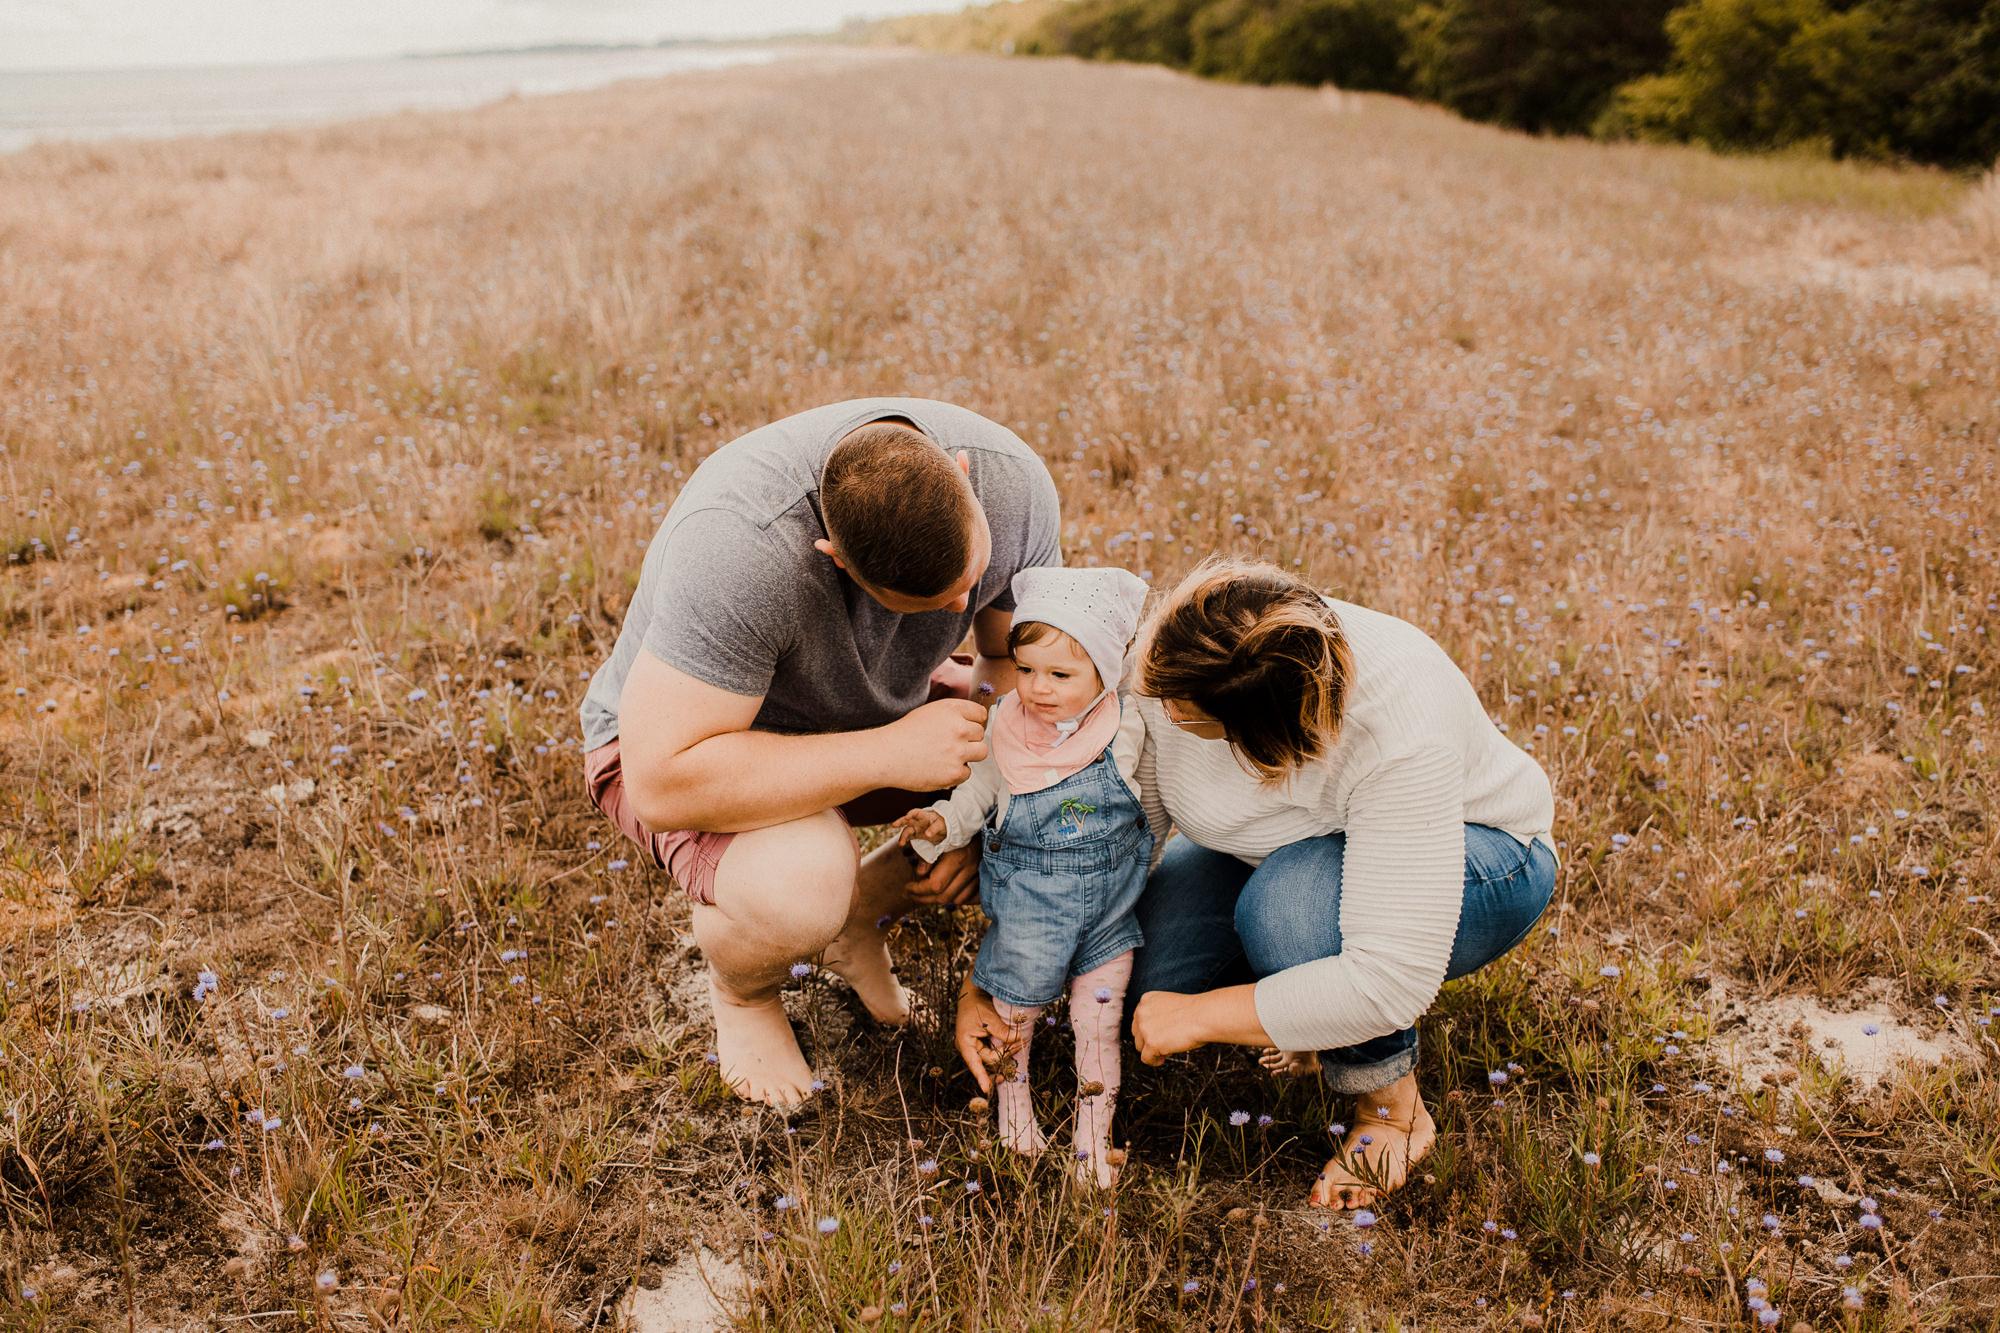 Fotograf Rügen - Familienfotograf Binz - Familienshooting Ostsee - Monique Krüger - zeitlose Babyfotos